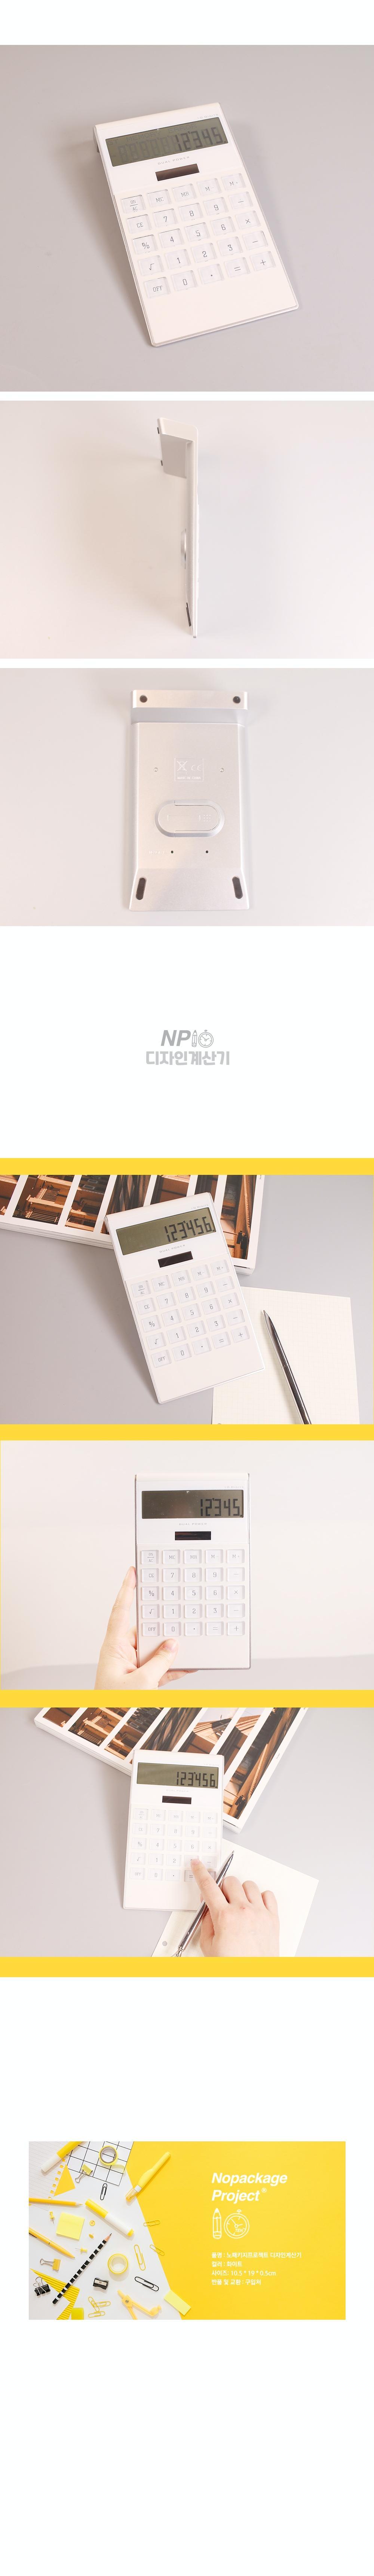 NP10 디자인 전자 계산기 태양열 작동 계산기 화이트 9,900원-갓샵디자인문구, 오피스 용품, 계산기, 디자인계산기바보사랑NP10 디자인 전자 계산기 태양열 작동 계산기 화이트 9,900원-갓샵디자인문구, 오피스 용품, 계산기, 디자인계산기바보사랑